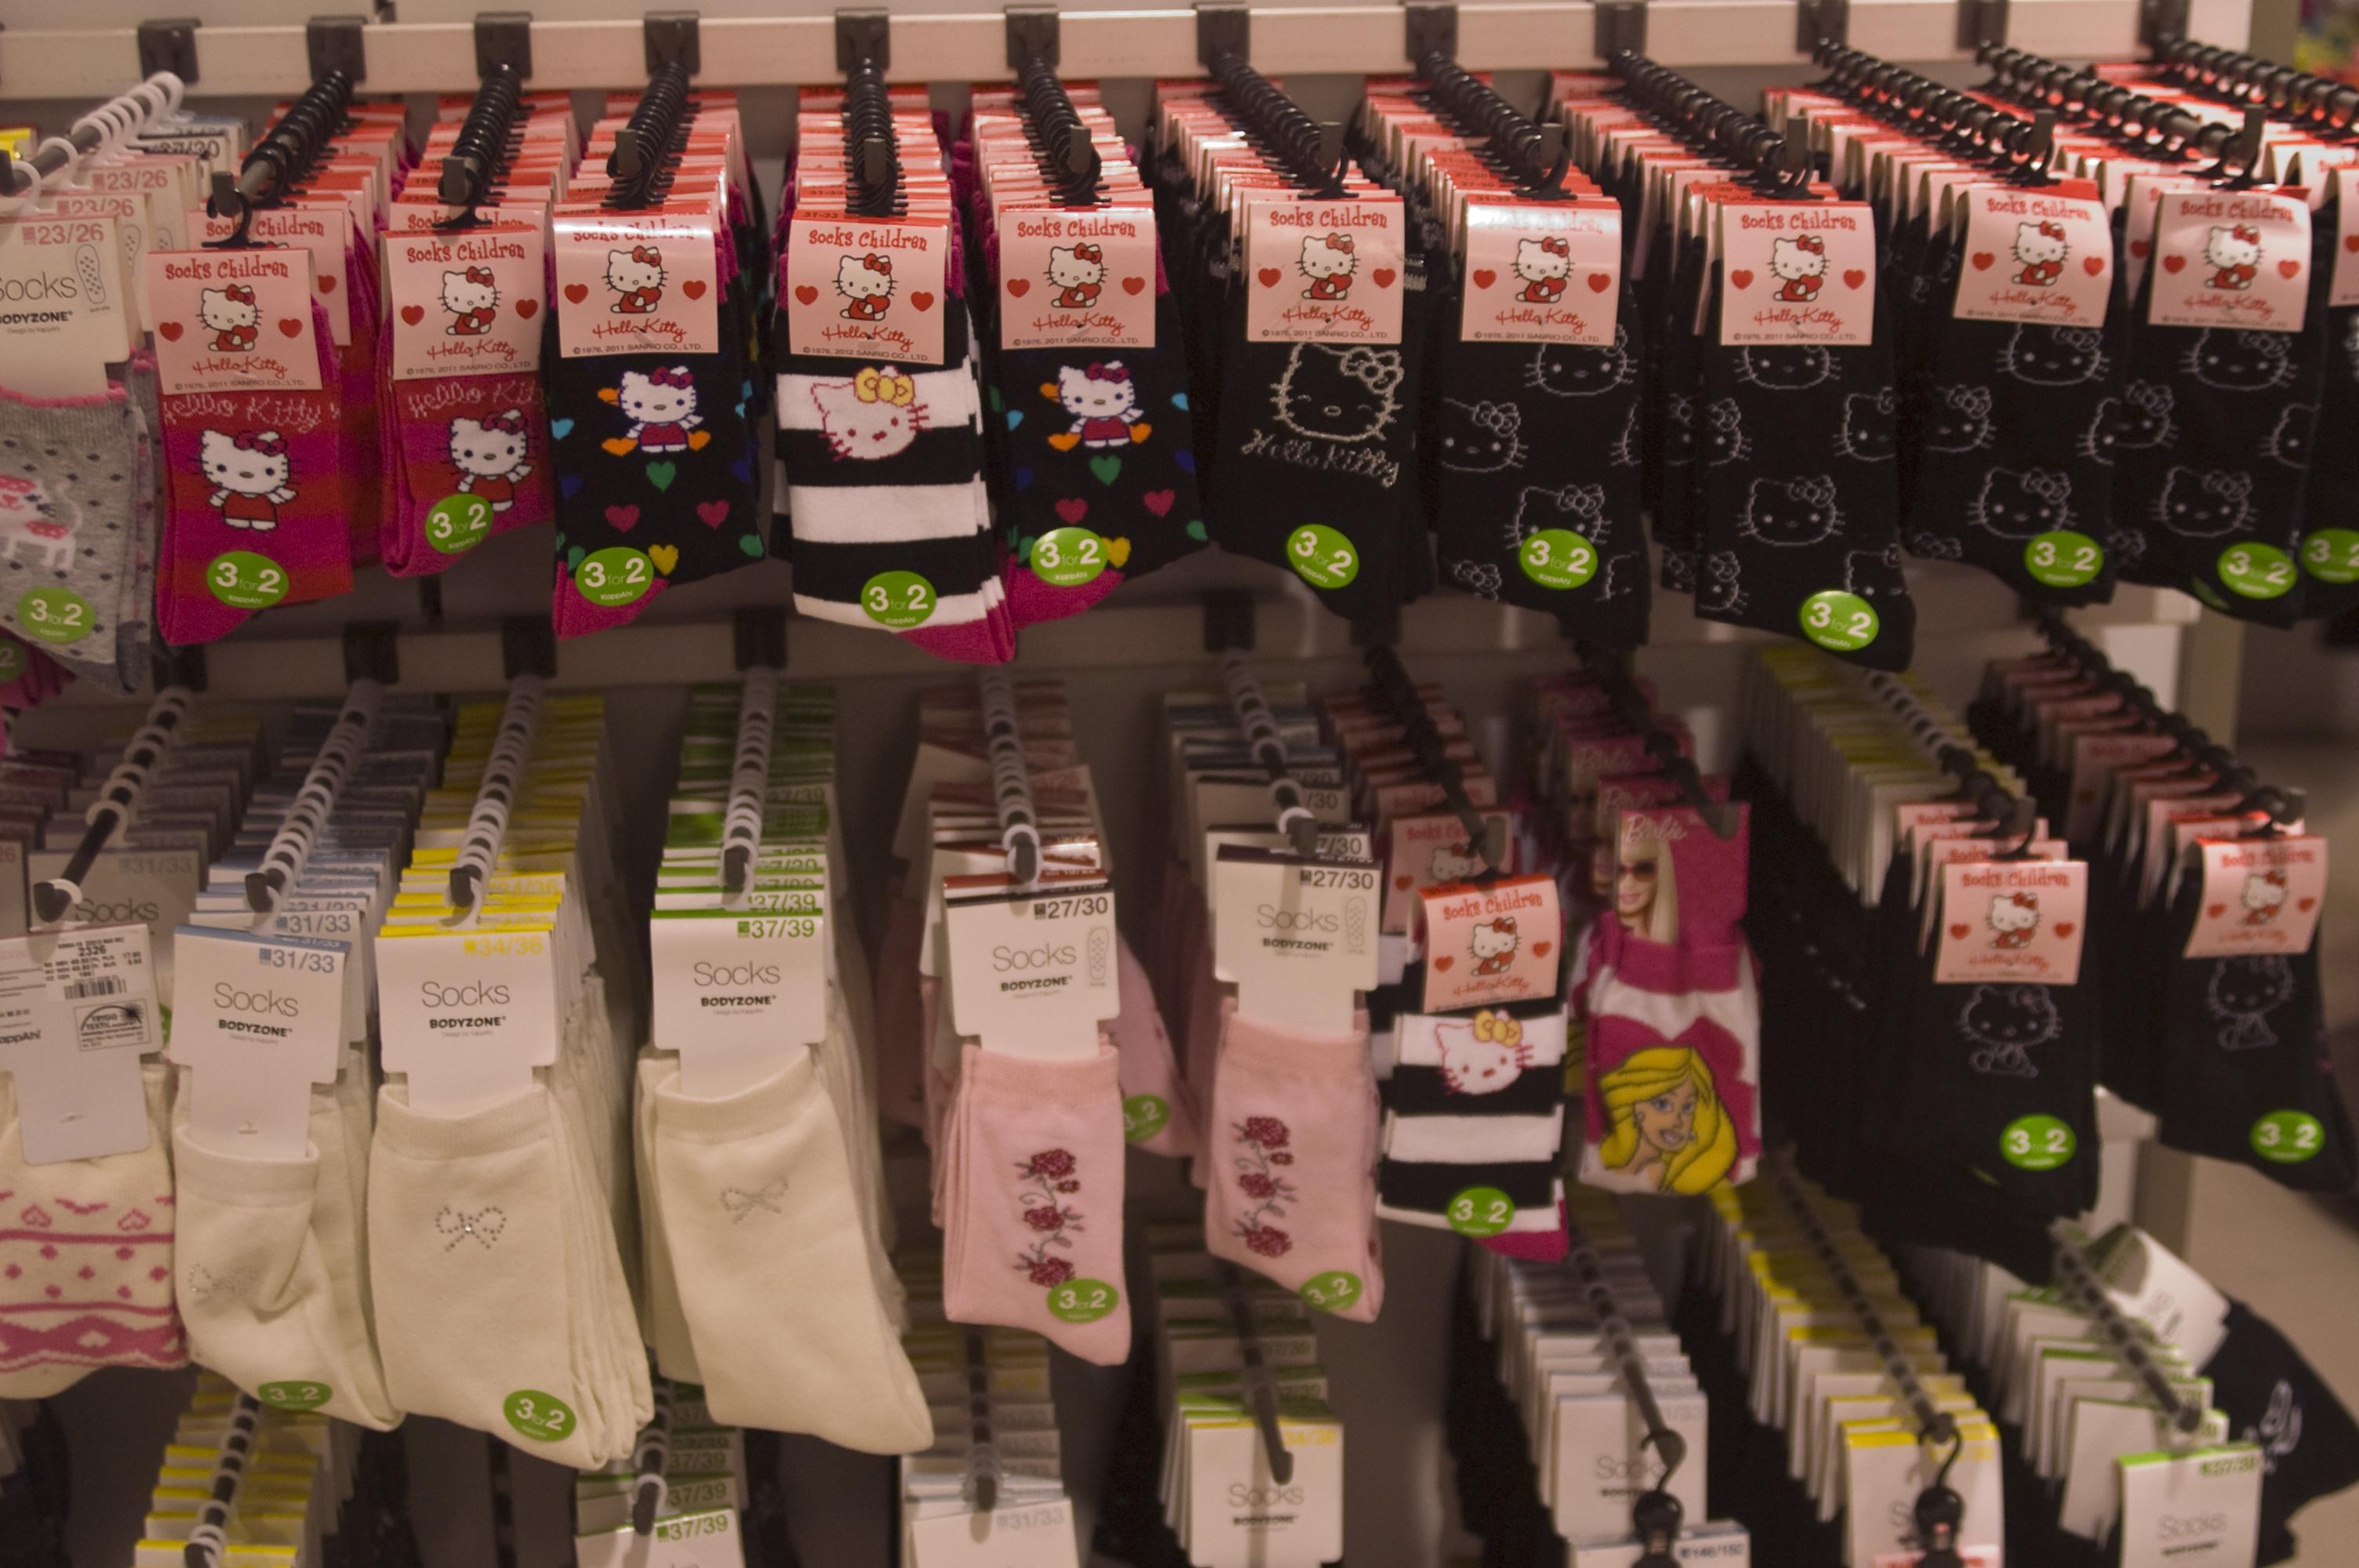 Jentesokkene er rosa, har Hello Kitty-motiver eller glitter.